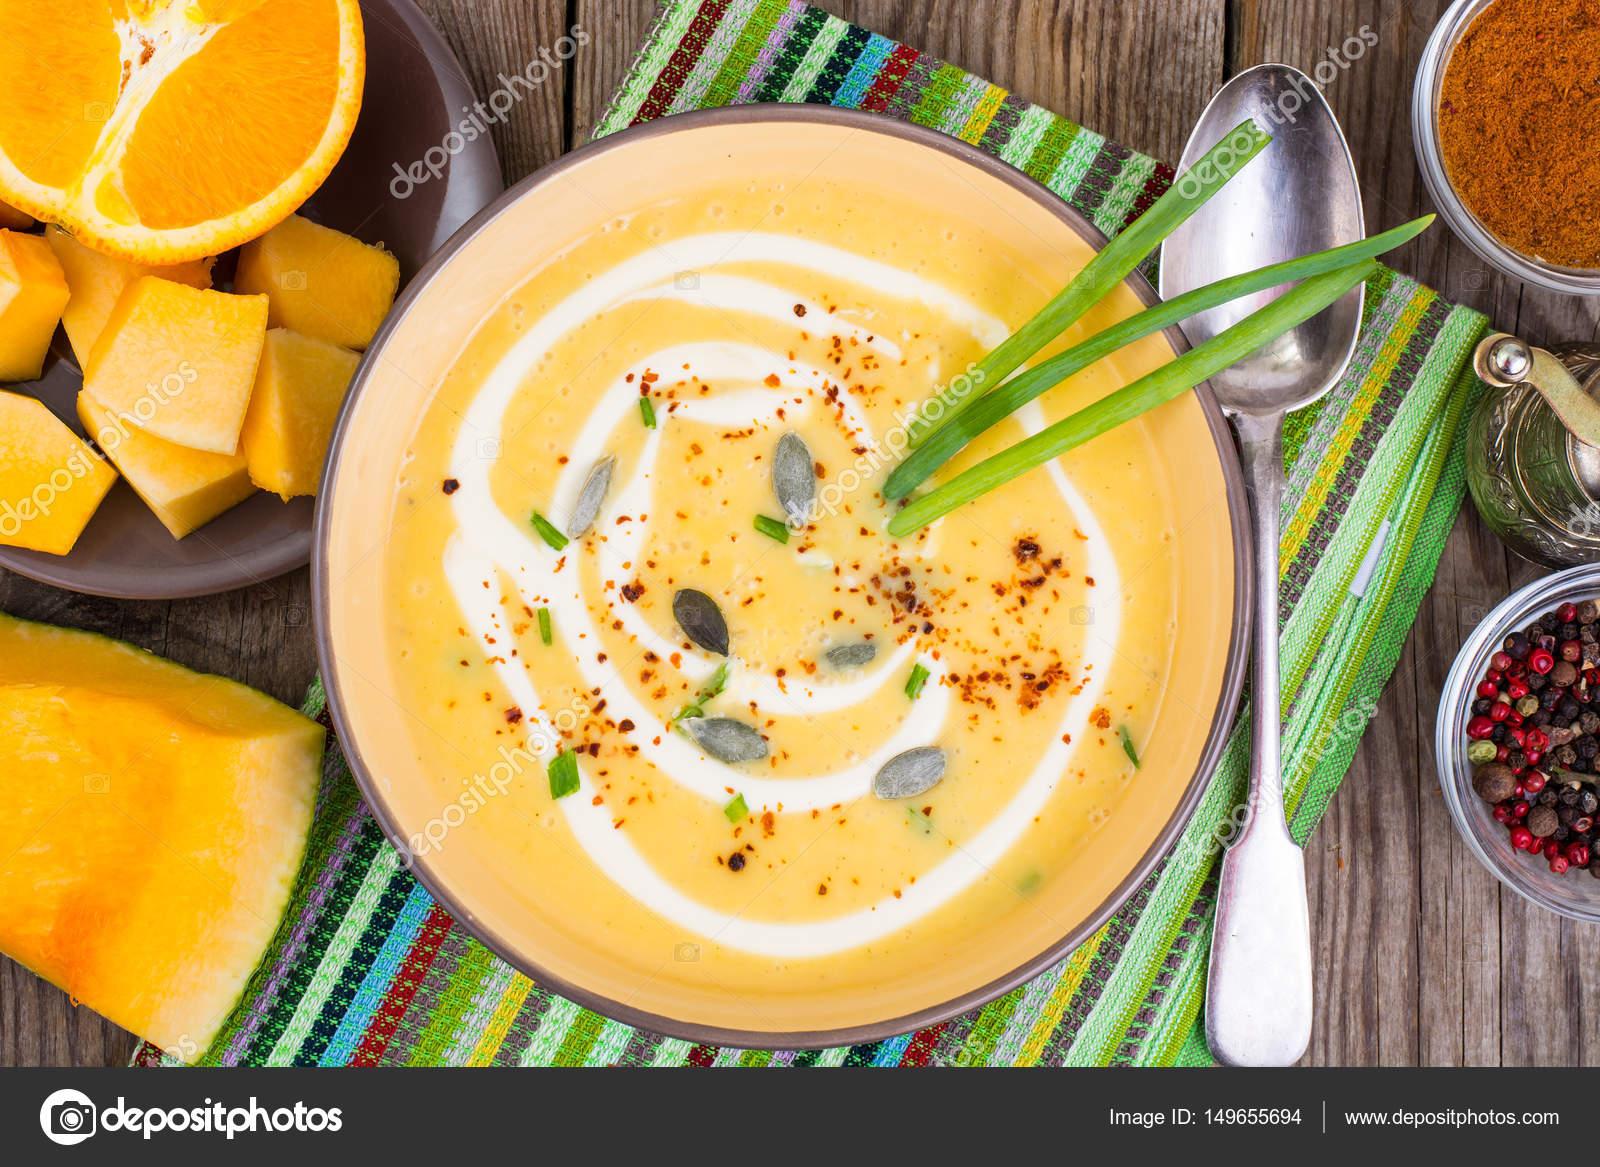 Obst Und Gemuse Diat Suppe Mit Orange Stockfoto C Artcookstudio